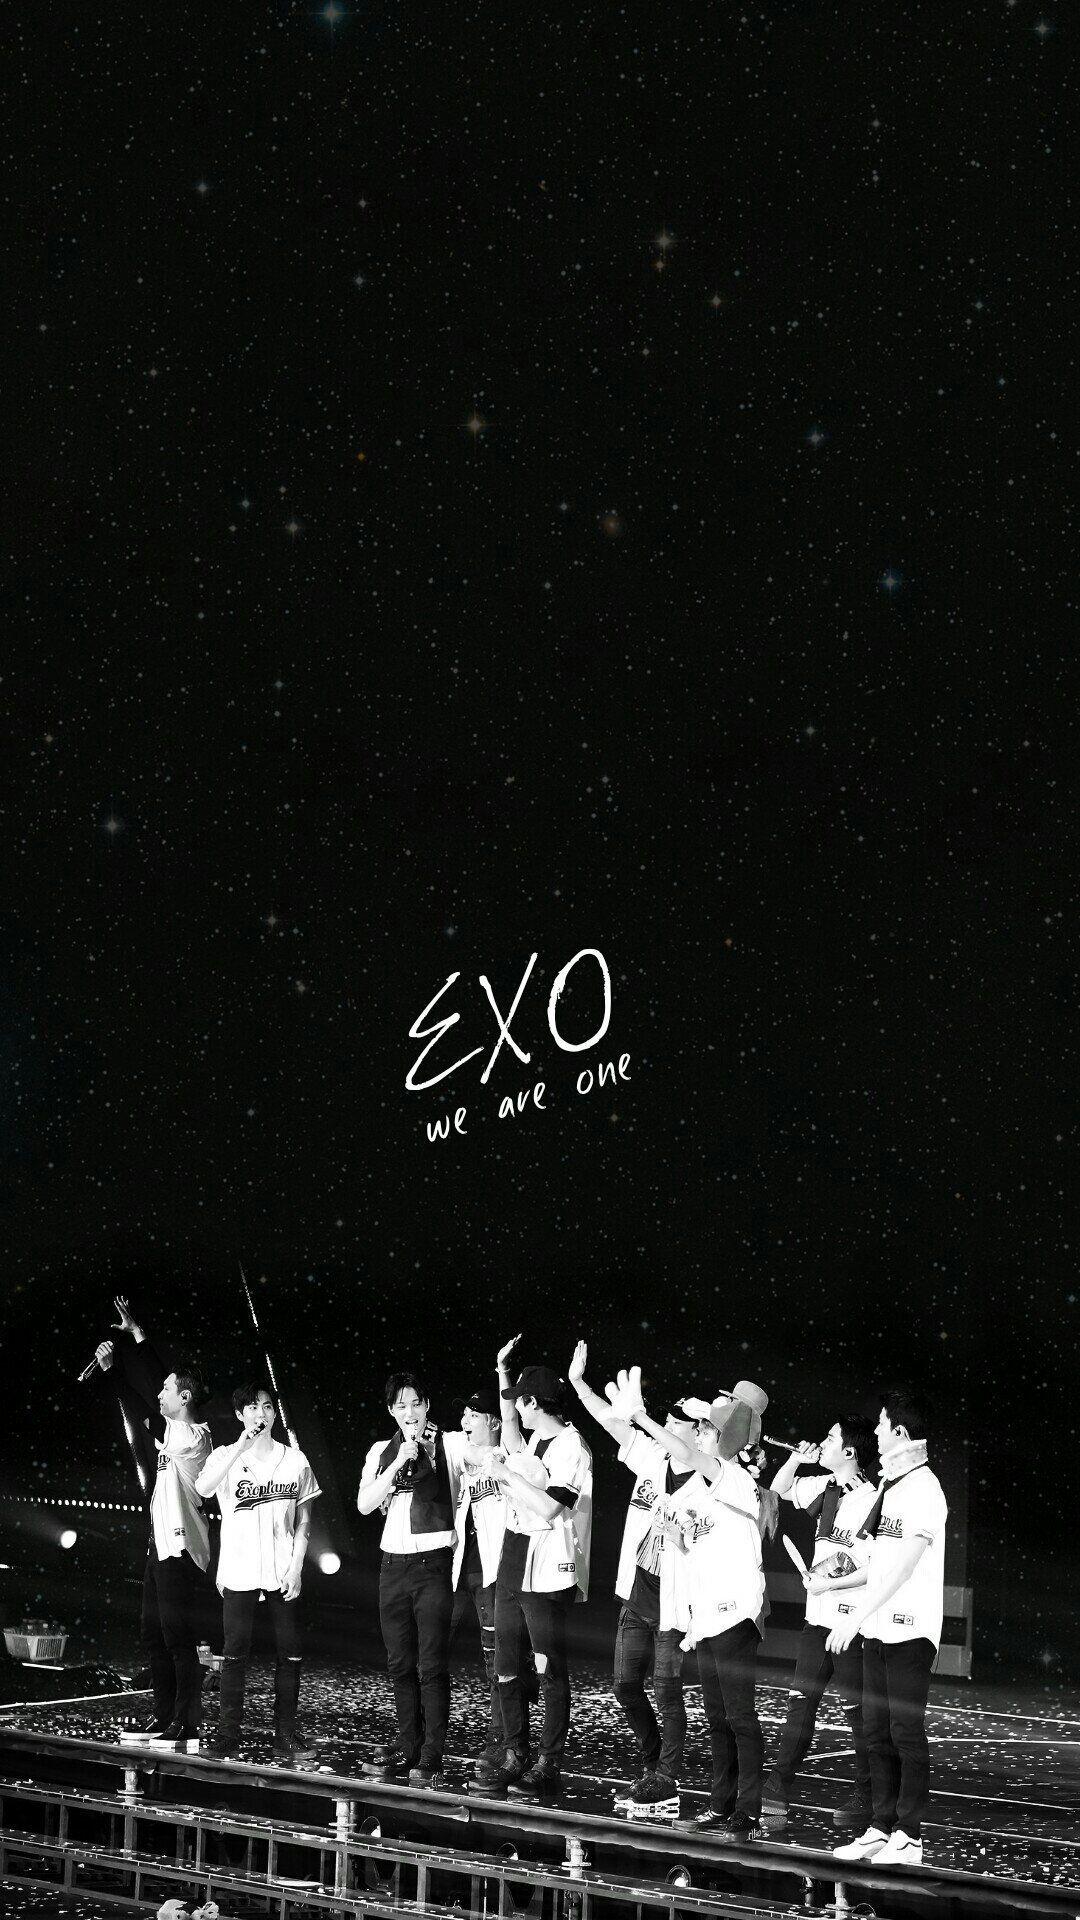 Unduh 4000+ Wallpaper Lucu Exo HD Paling Baru